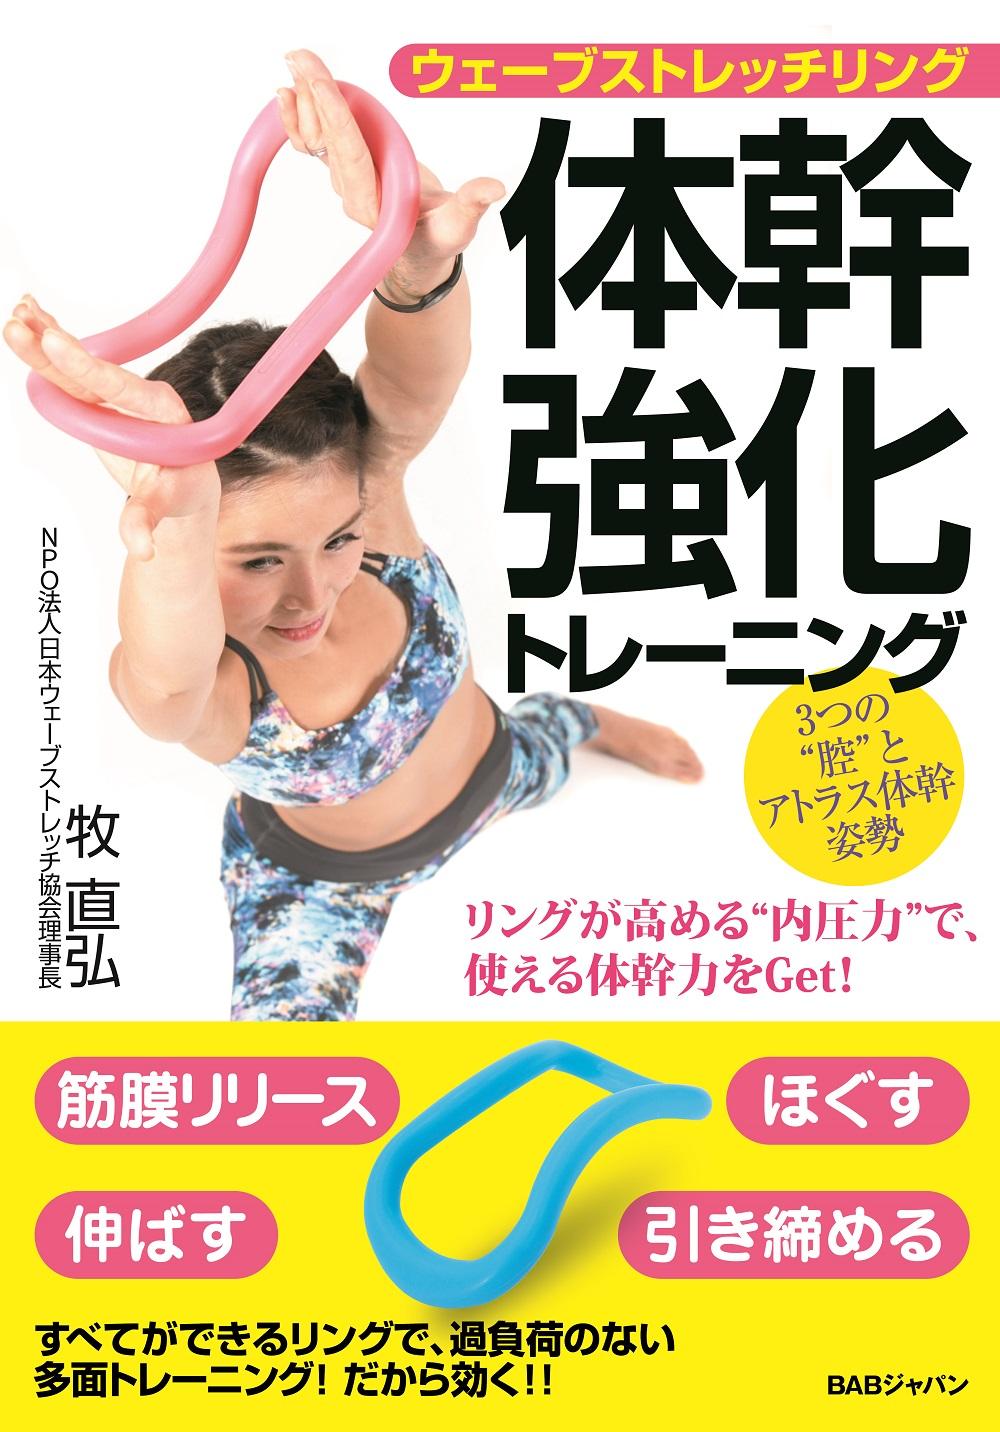 書籍「ウェーブストレッチリング 体幹強化トレーニング」牧直弘著